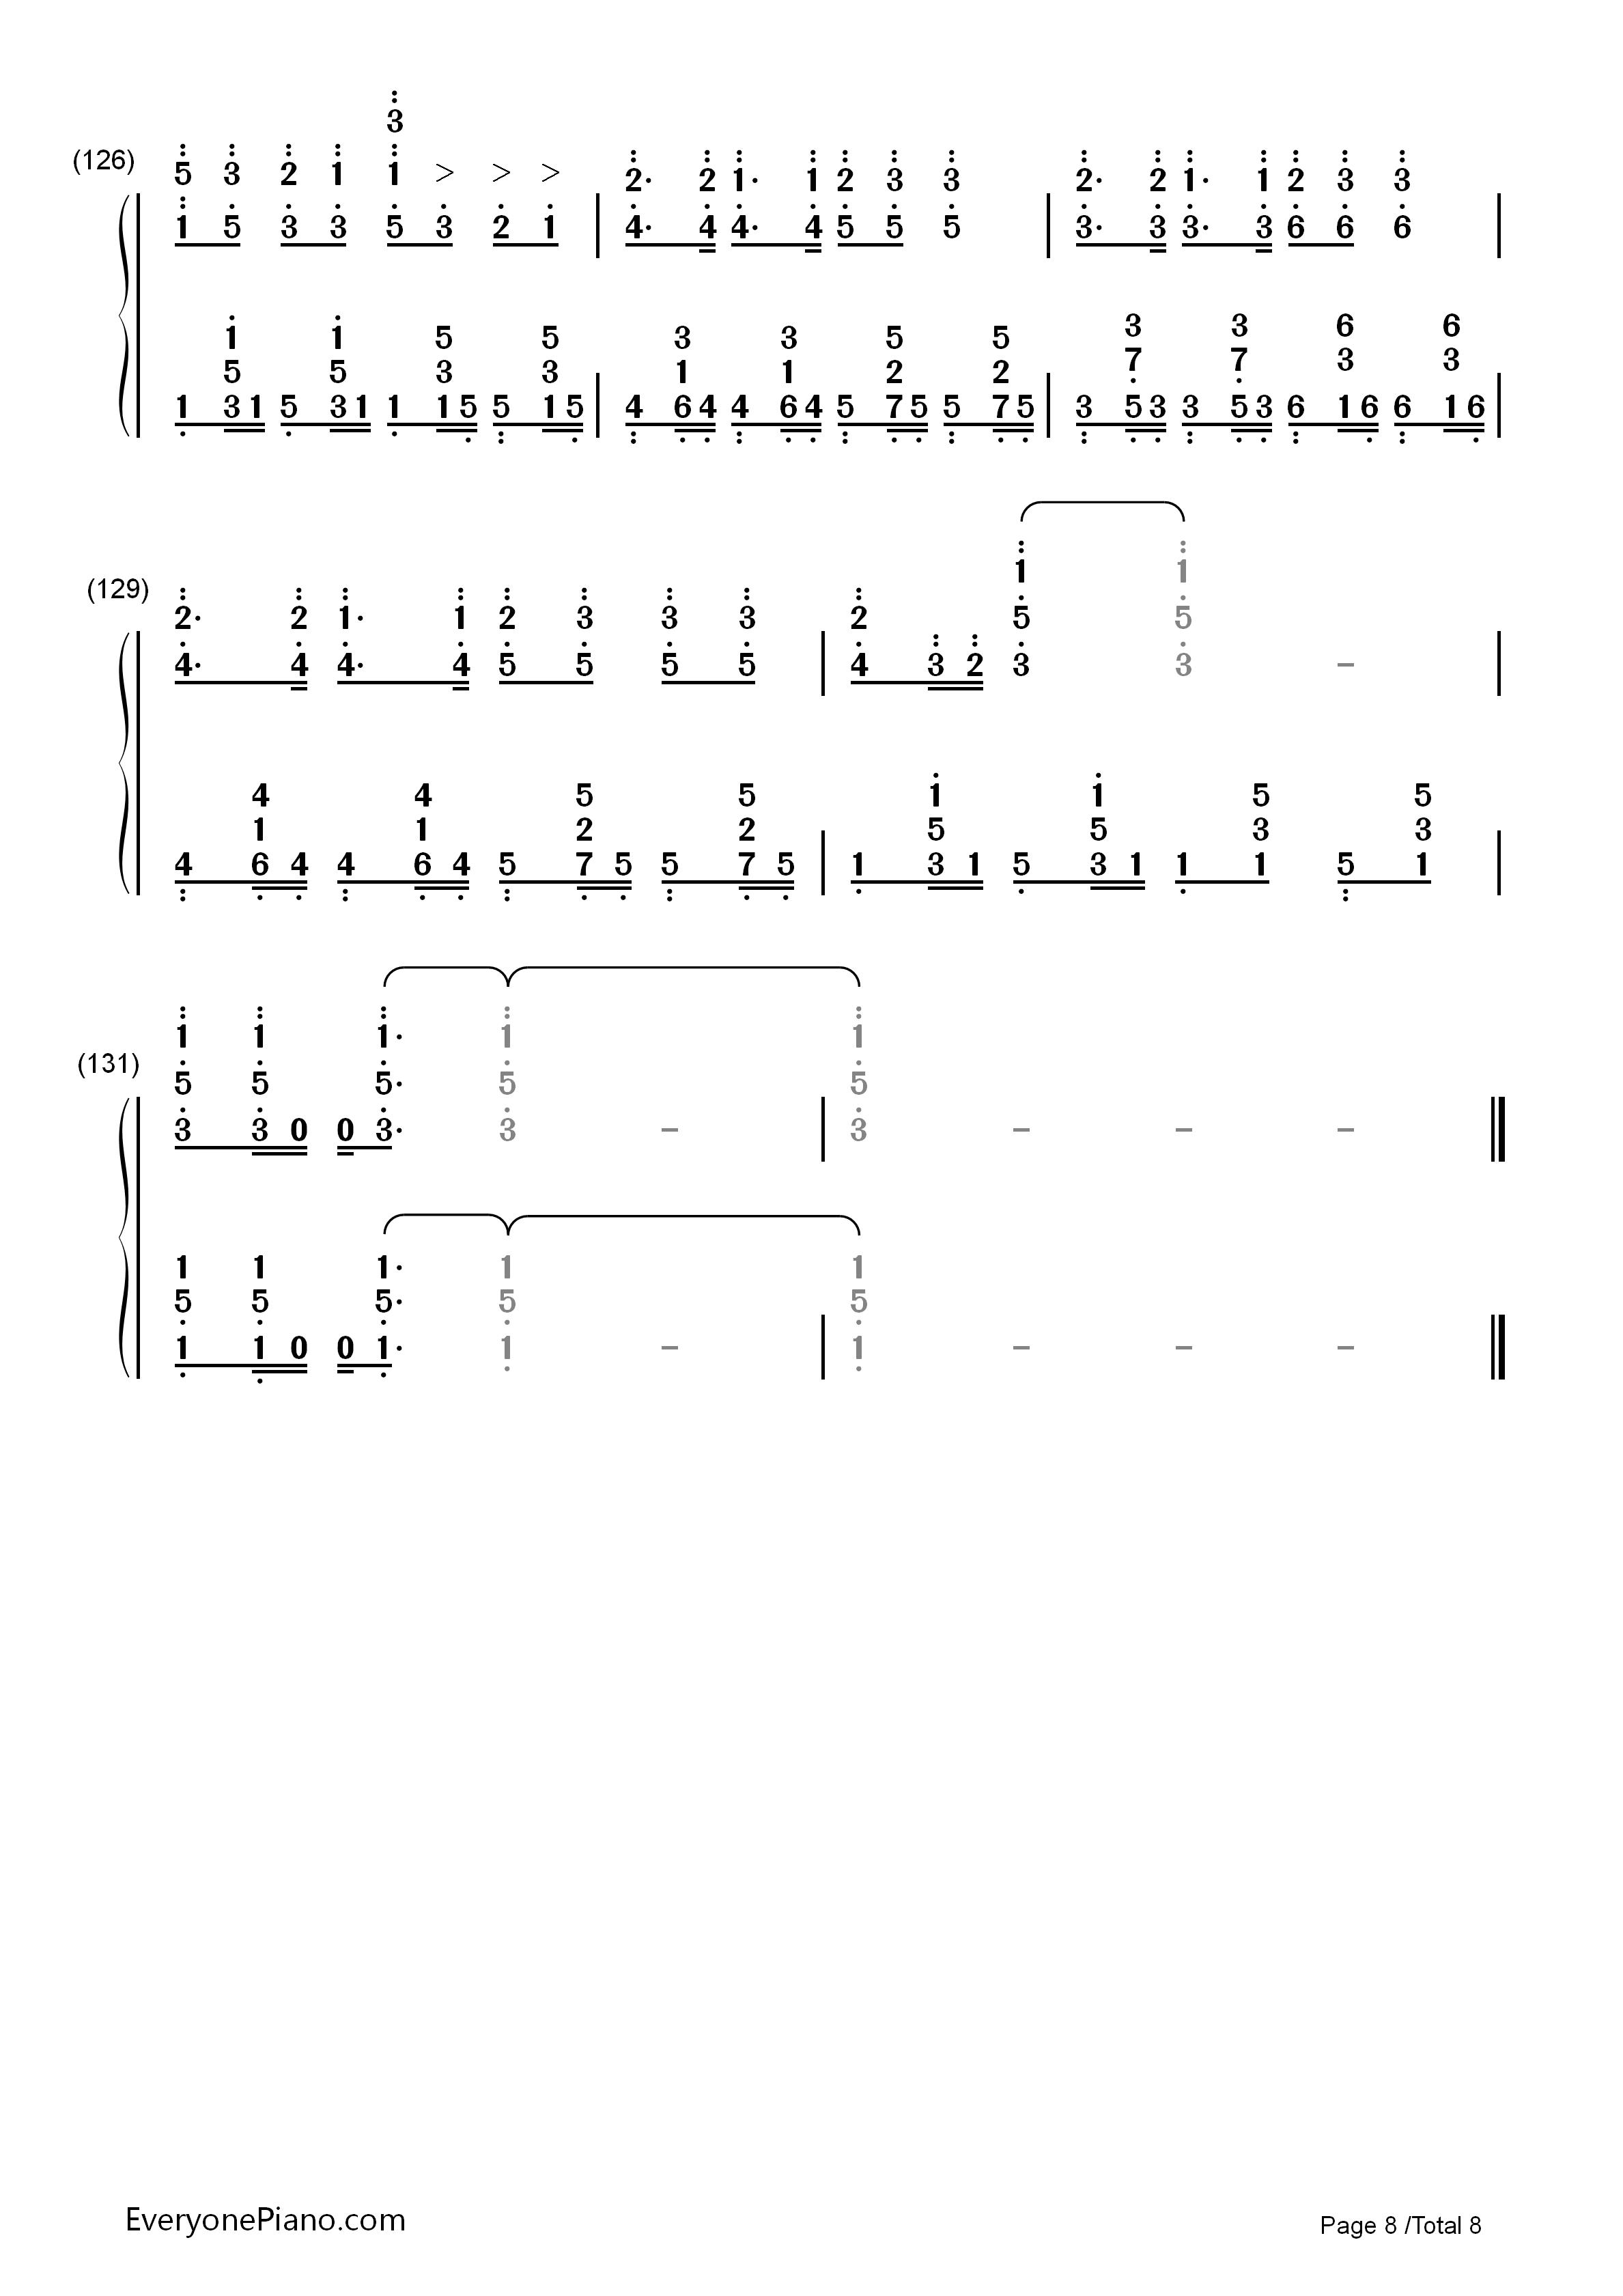 神のまにまに-初音未来,镜音双子,gumi双手简谱预览8